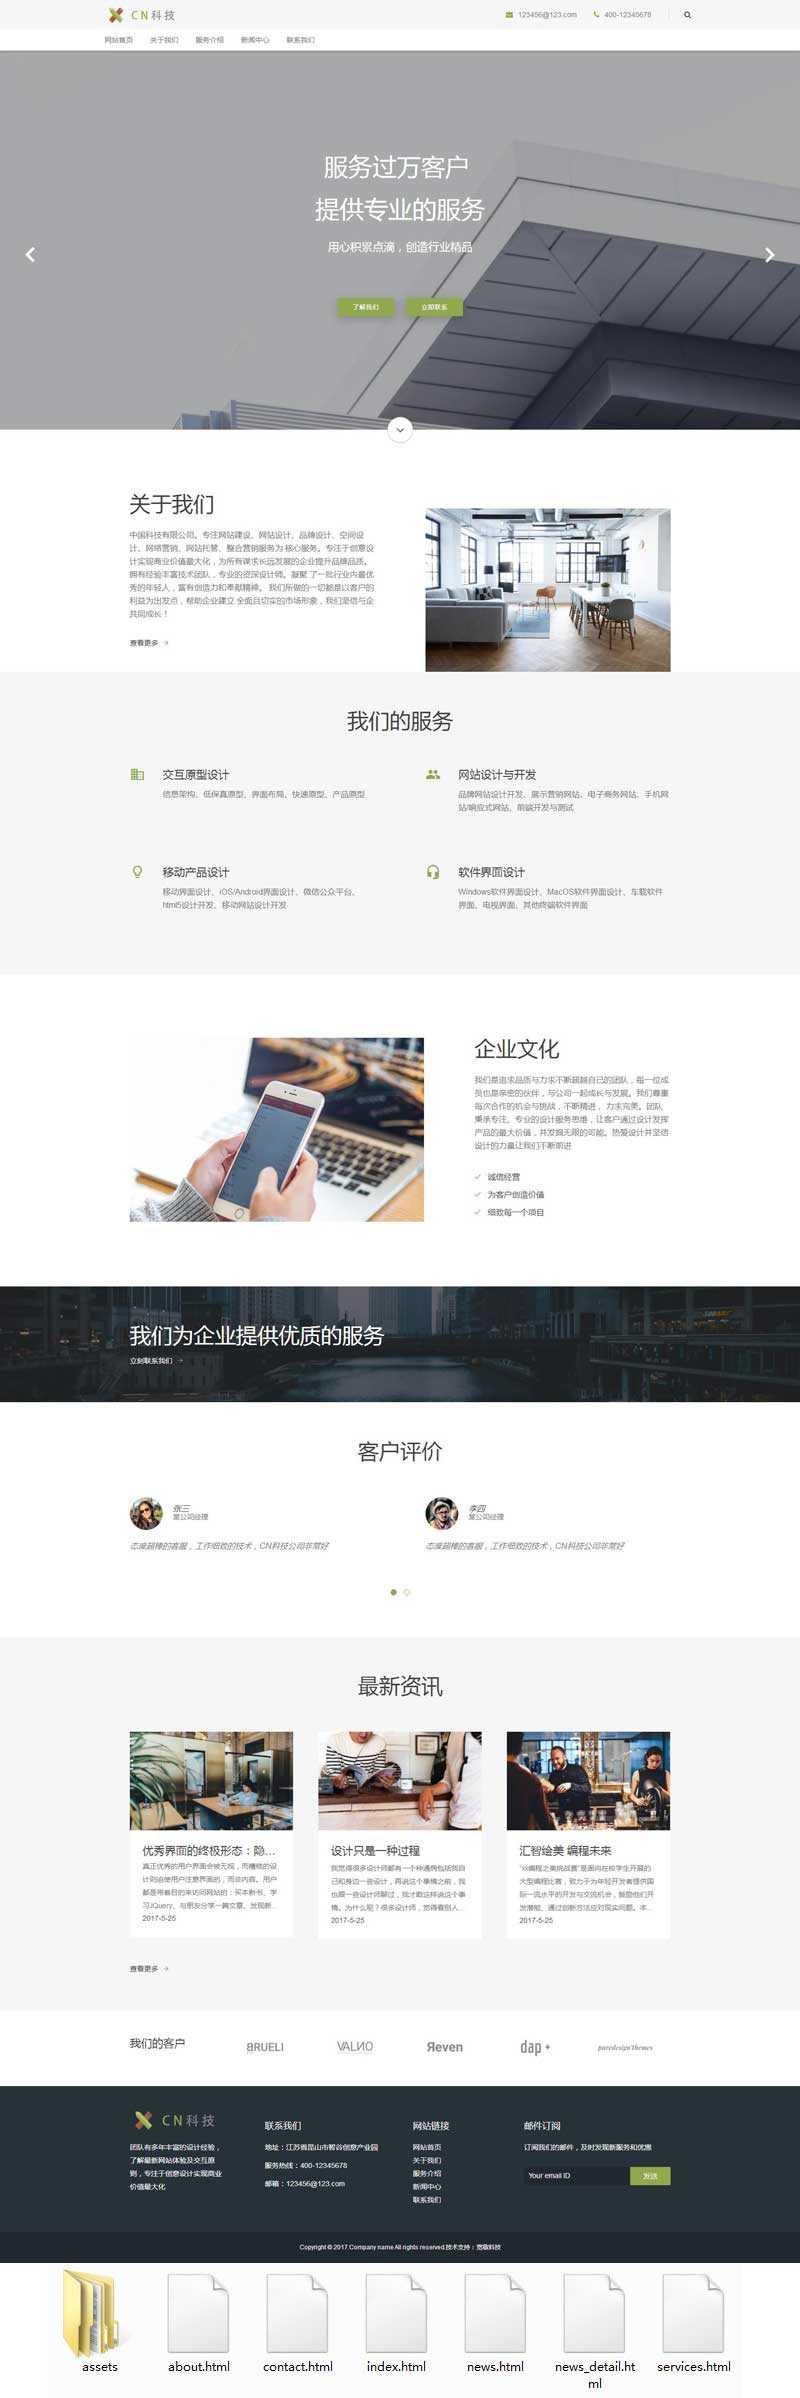 大气的互联网产品设计公司响应式网站模板